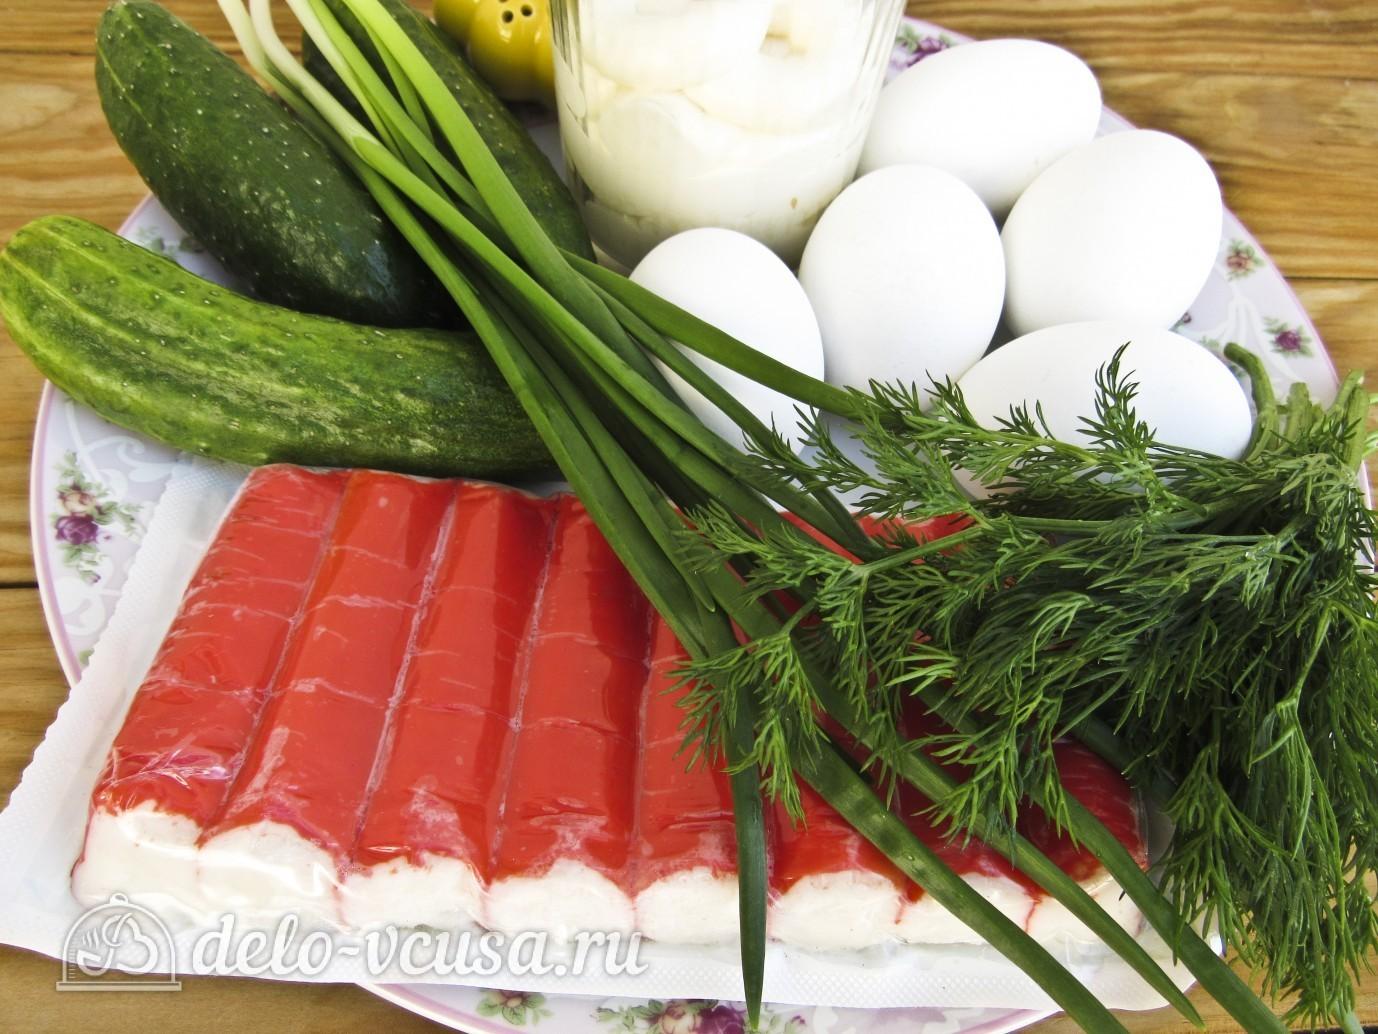 Крабовый салат с огурцом: Ингредиенты